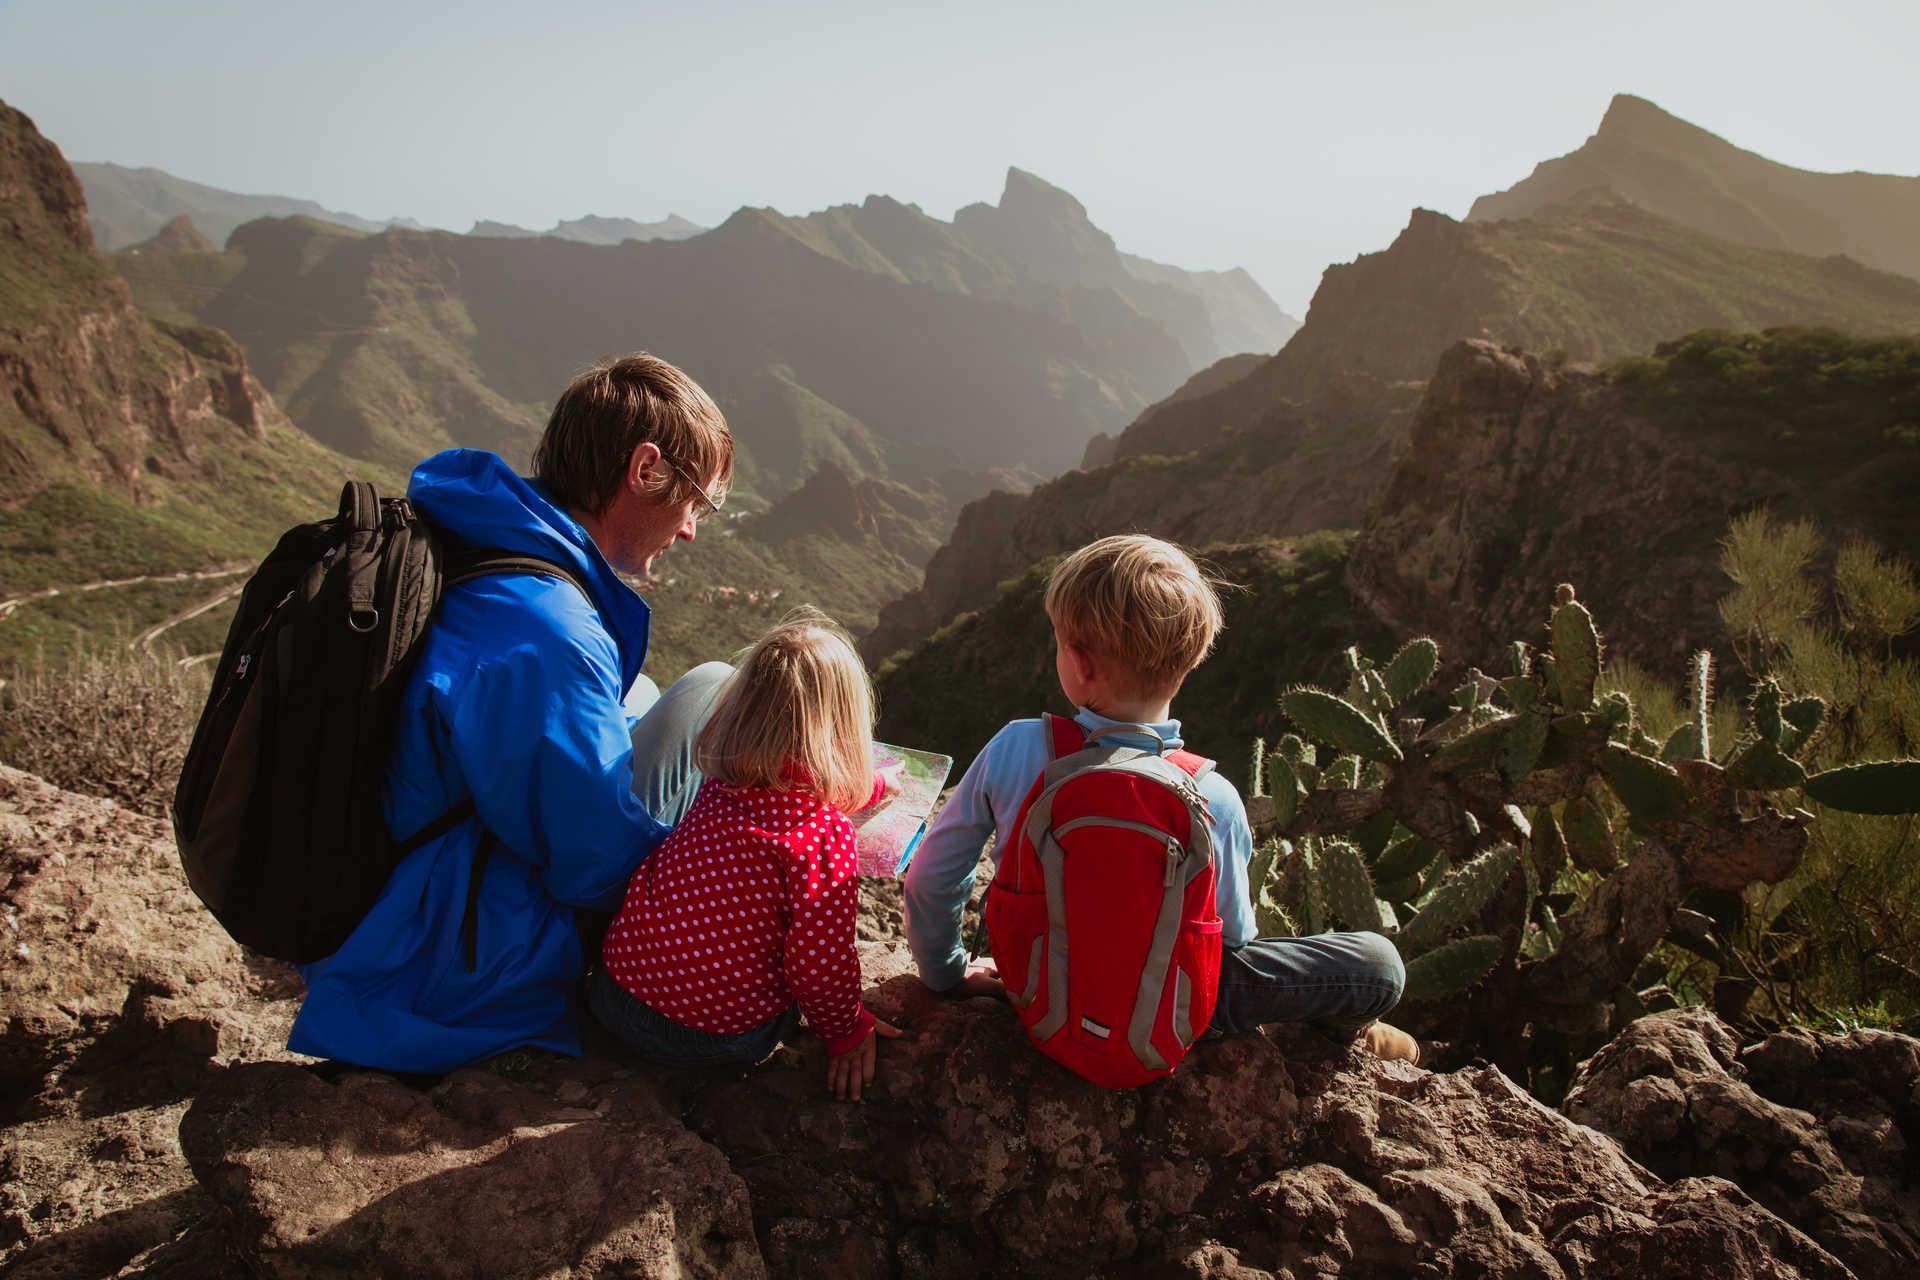 Père et ses enfants en haut d'une montagne regardant une carte